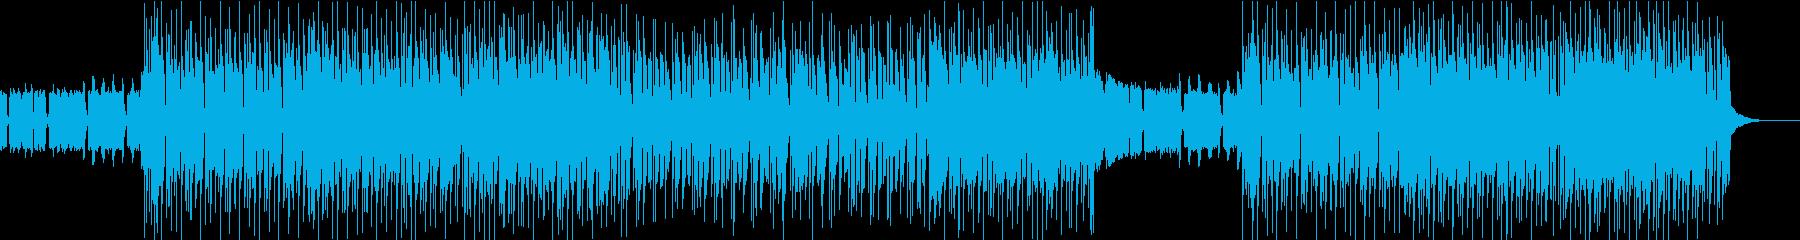 アップテンポで明るく軽快なポップロックの再生済みの波形